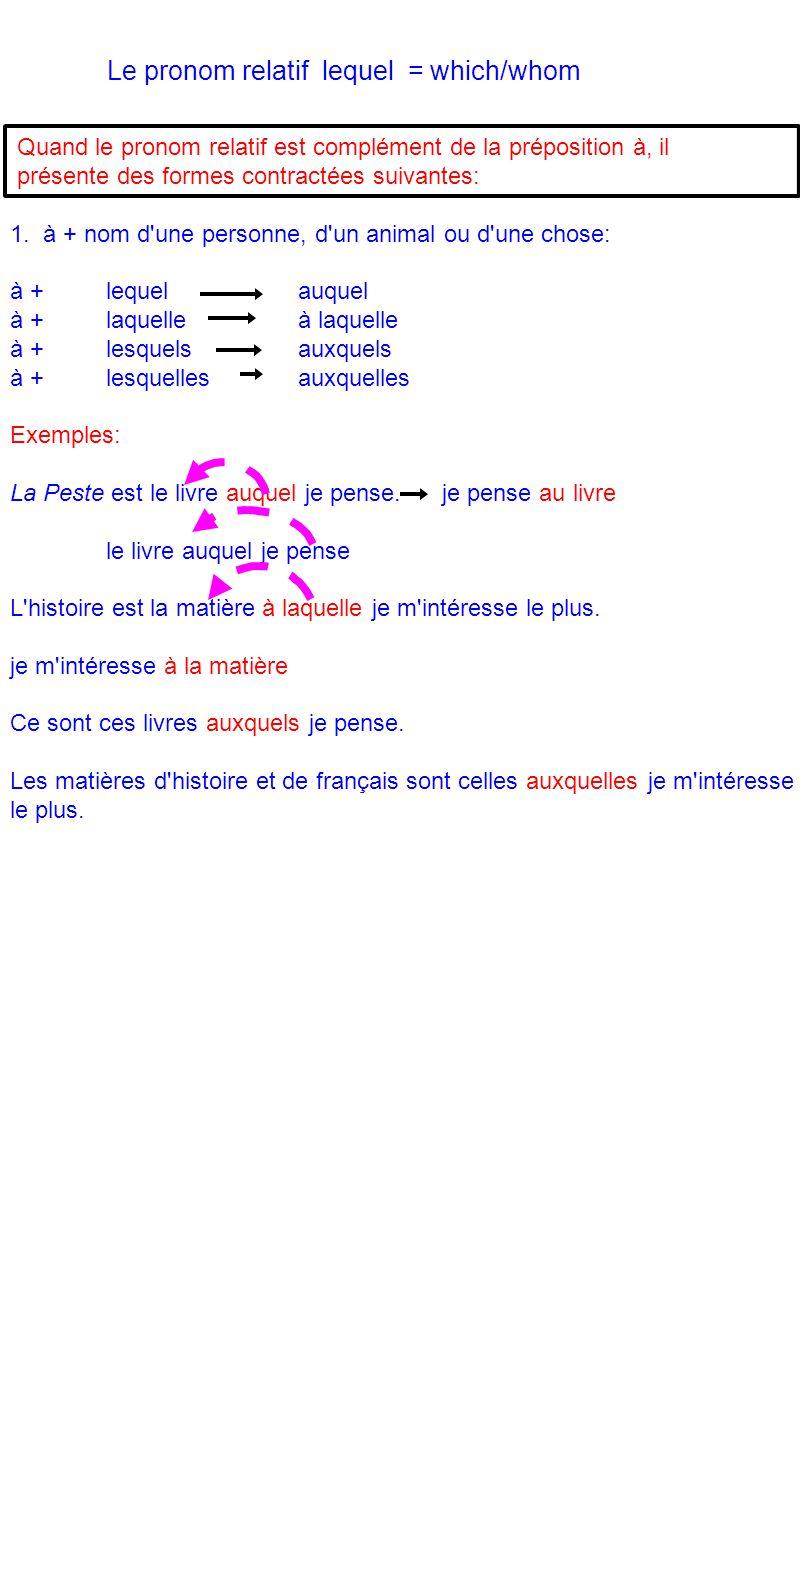 Quand le pronom relatif est complément de la préposition de, il présente des formes contractées.